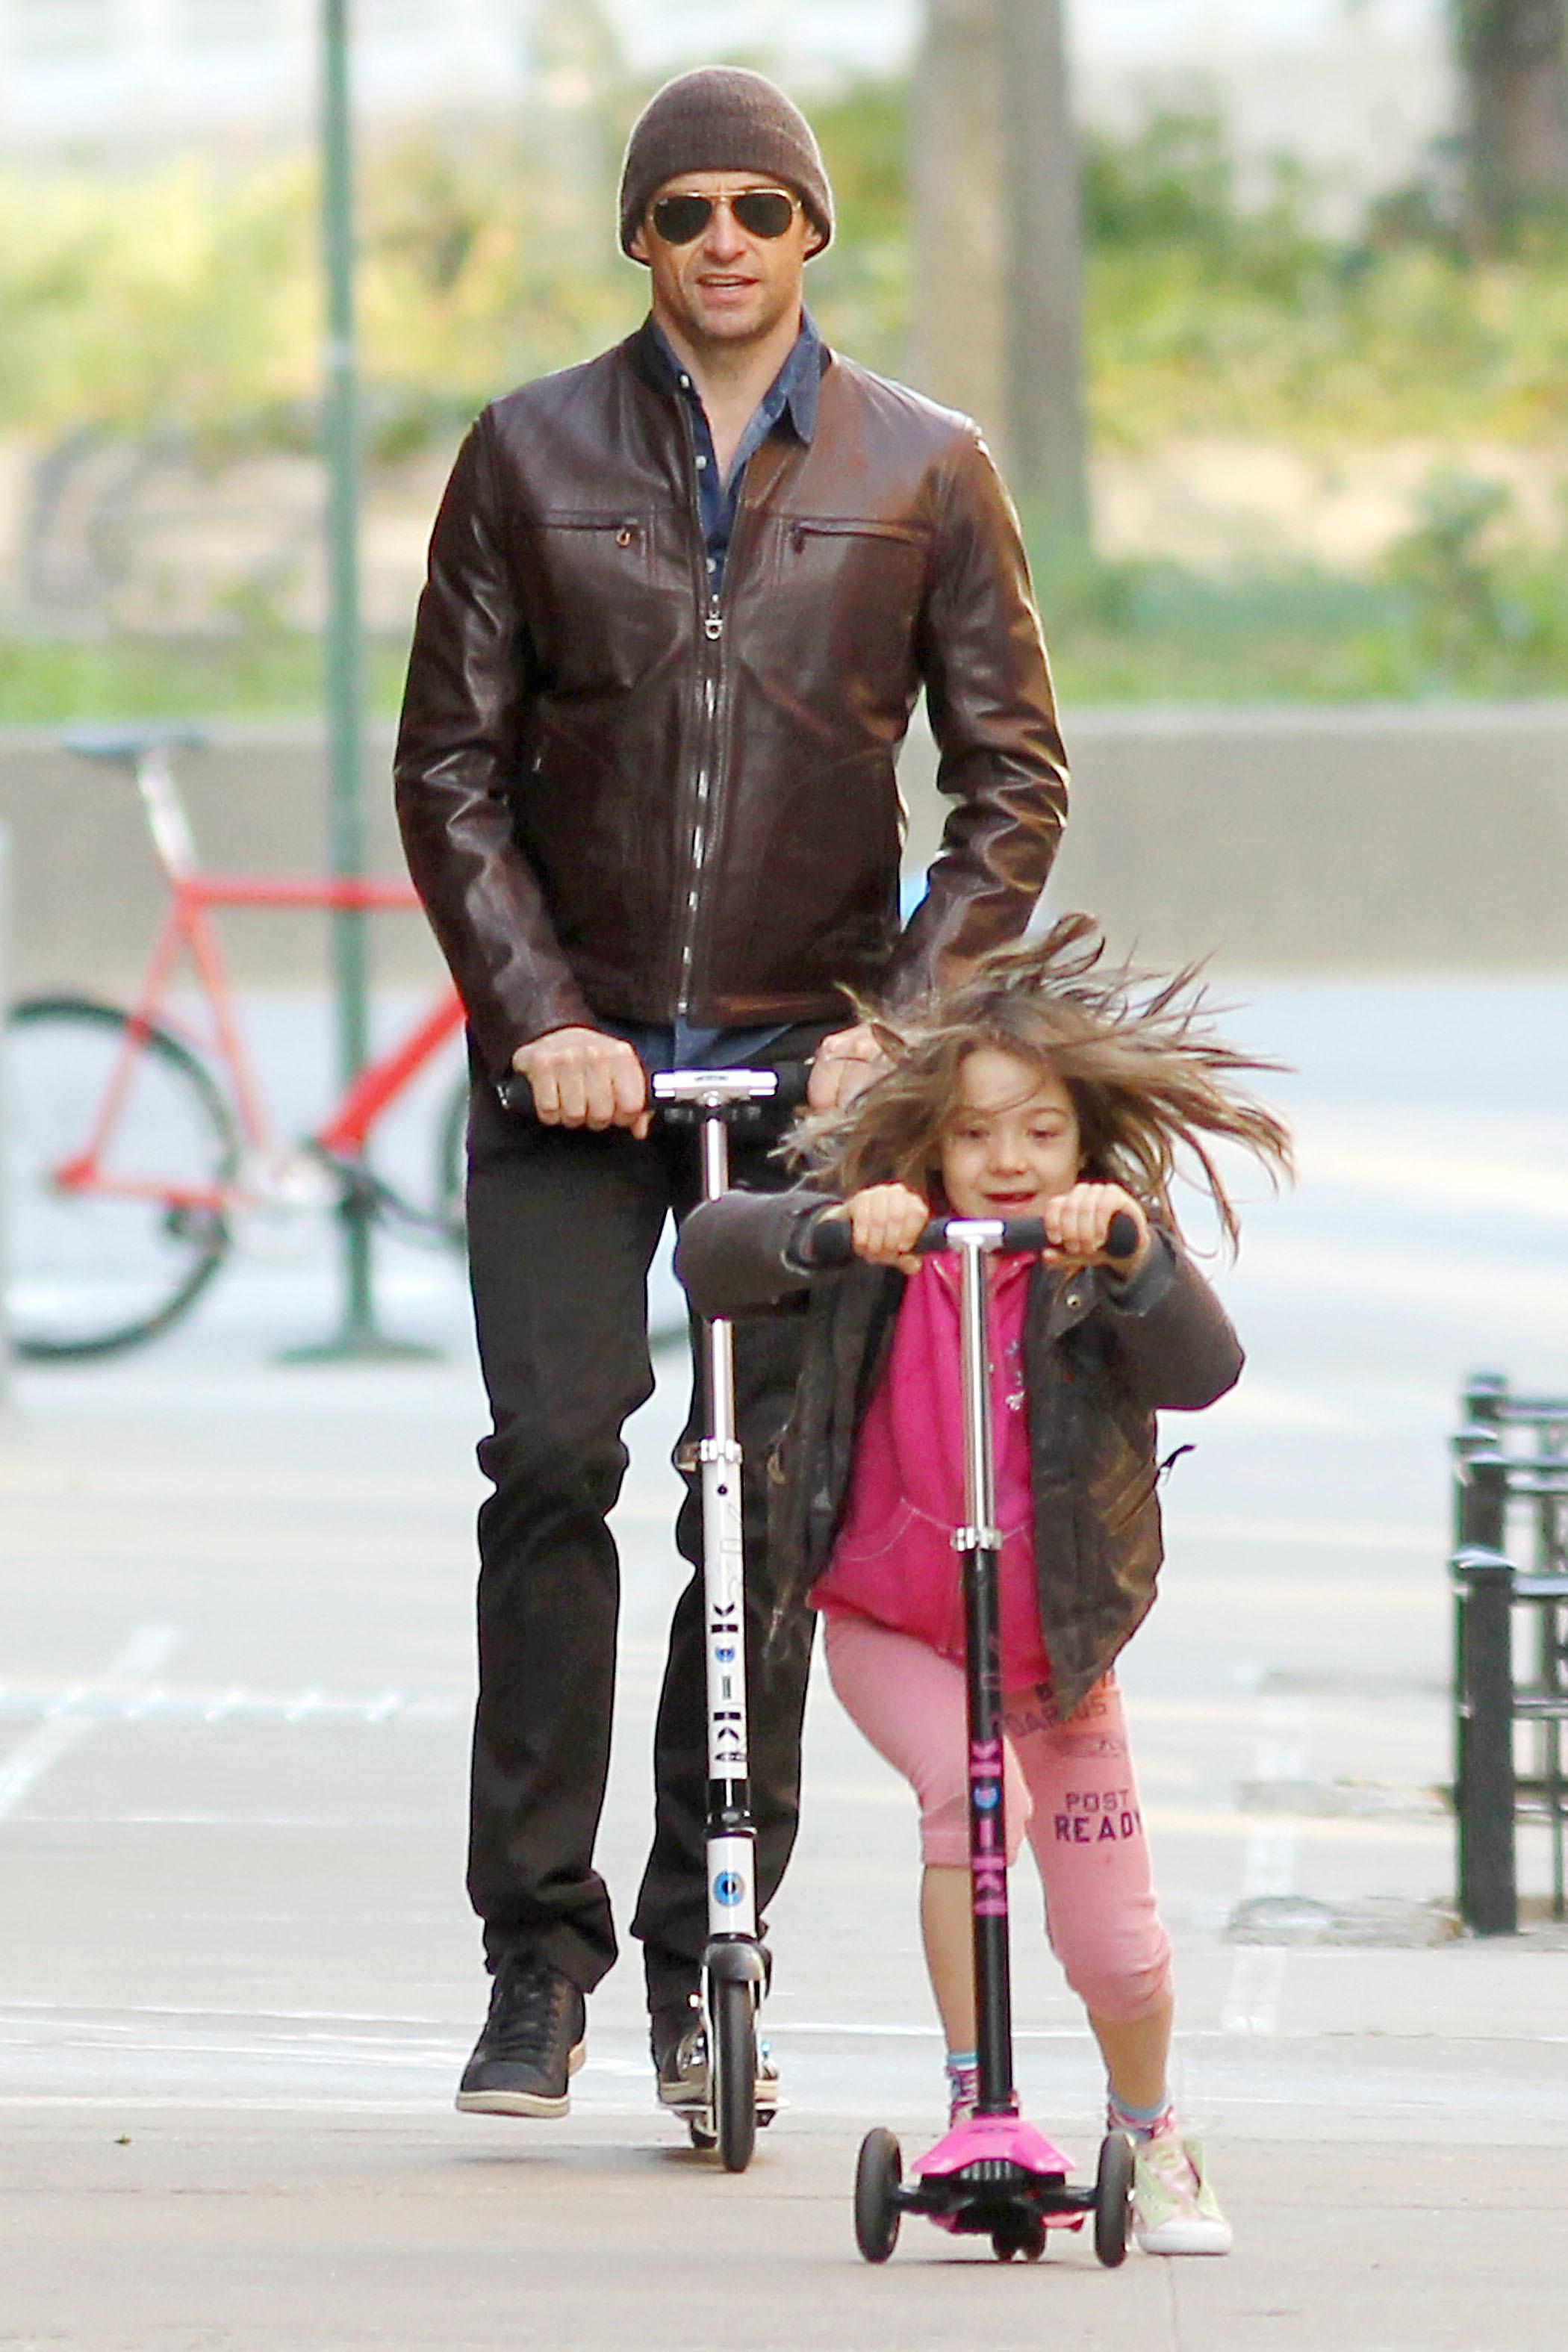 Hugh Jackman scooter